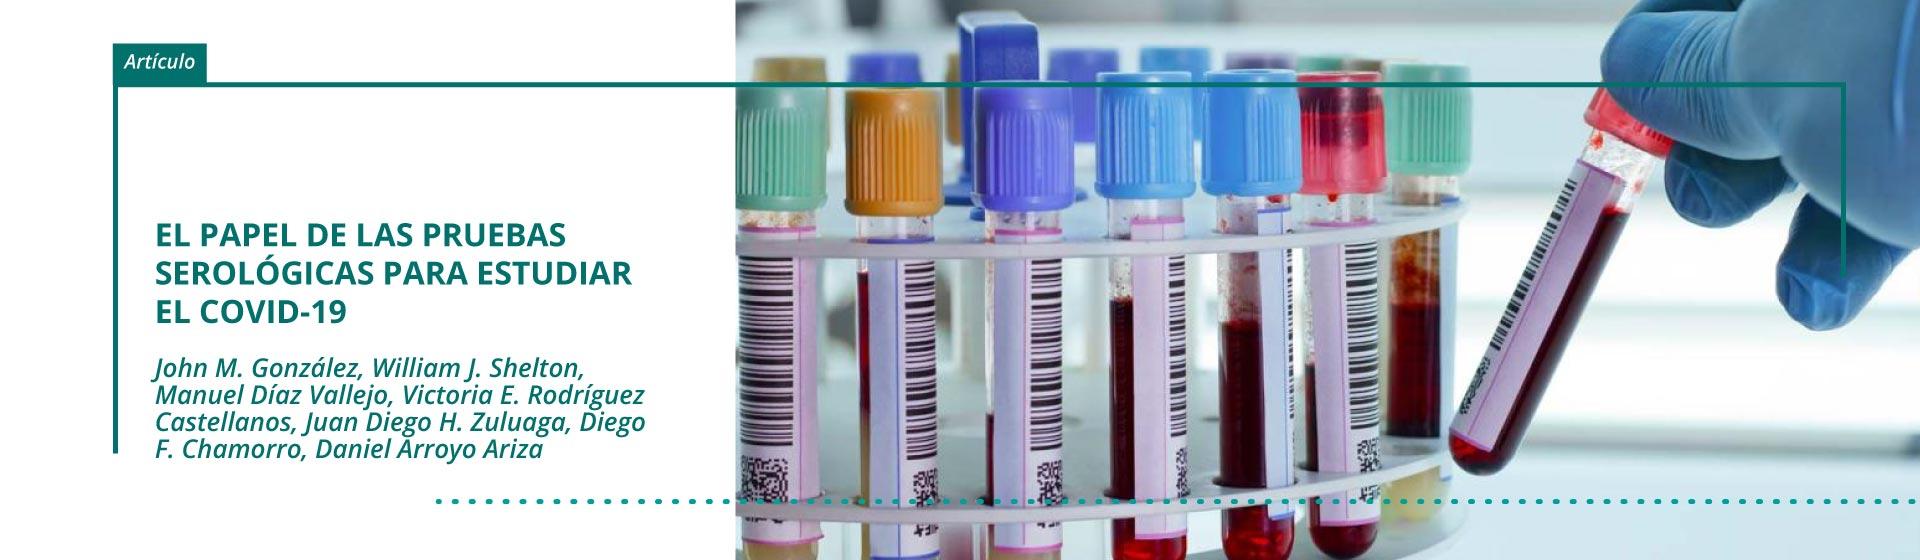 El papel de las pruebas serológicas para estudiar el COVID-19